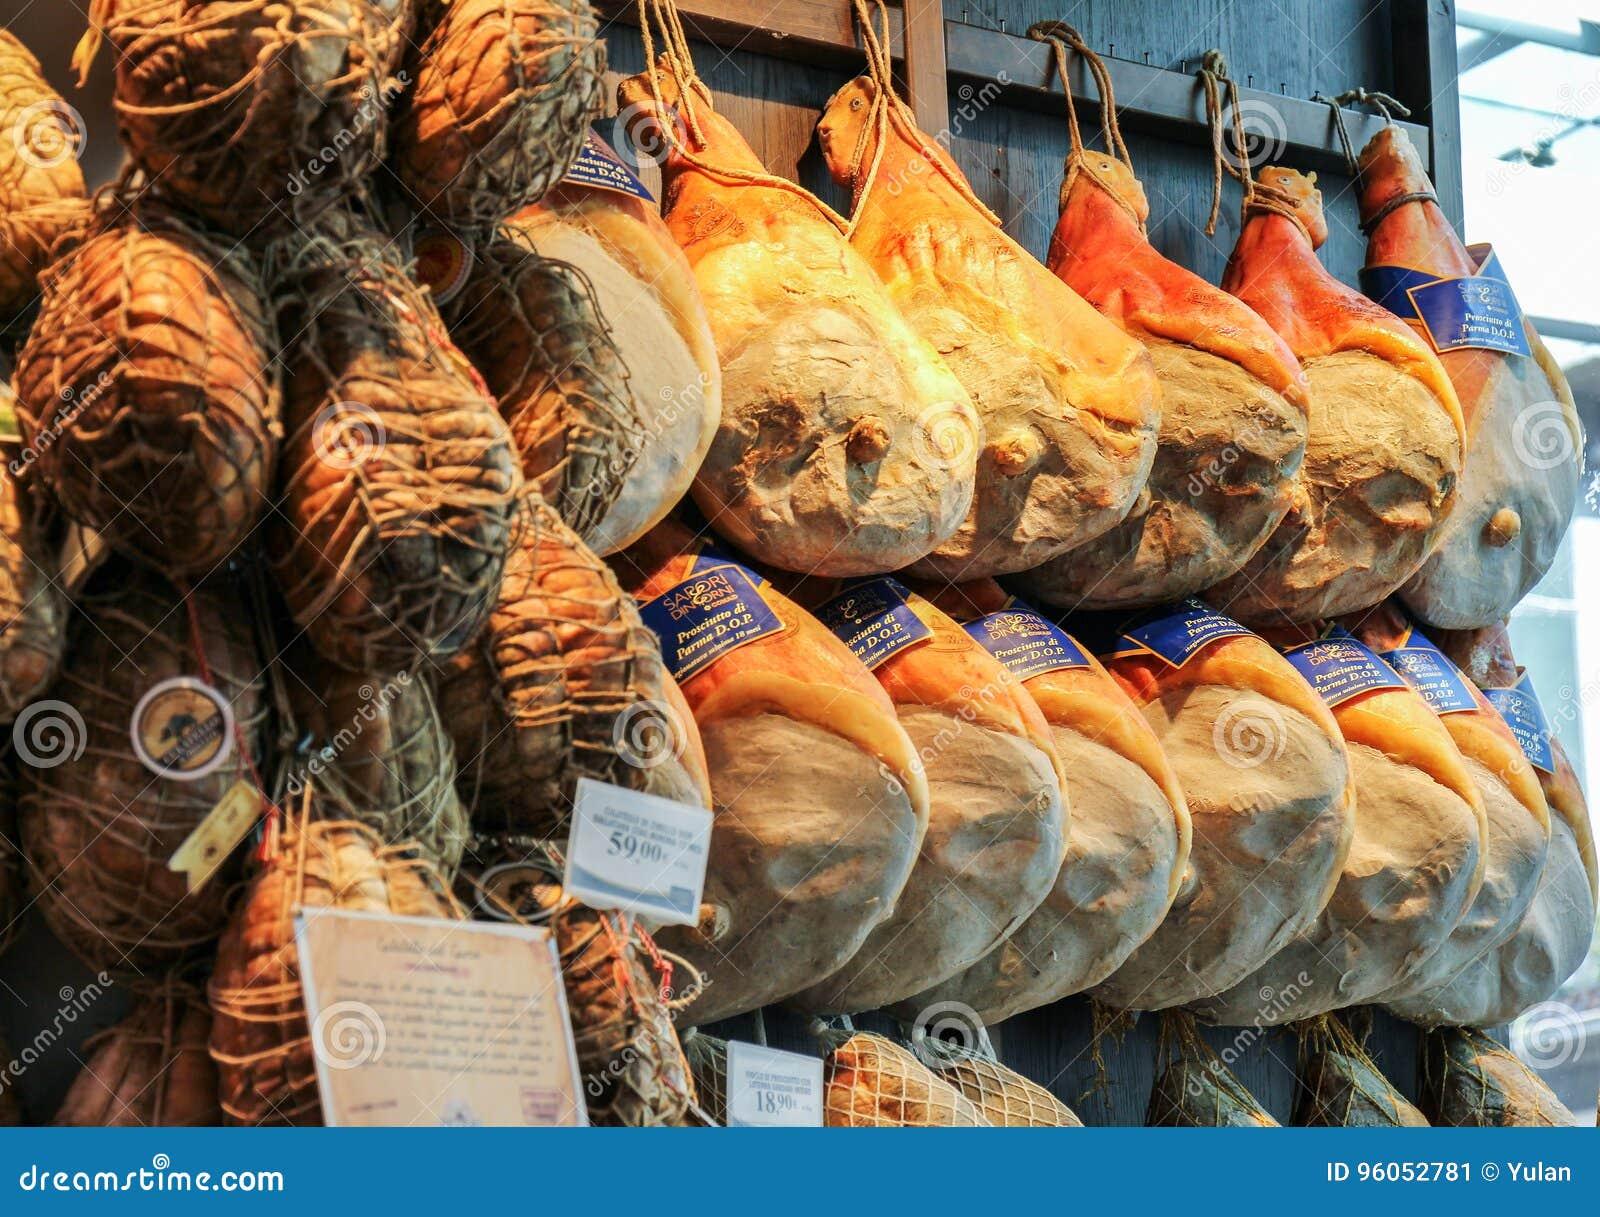 Jambons de Parme vendus dans les boutiques